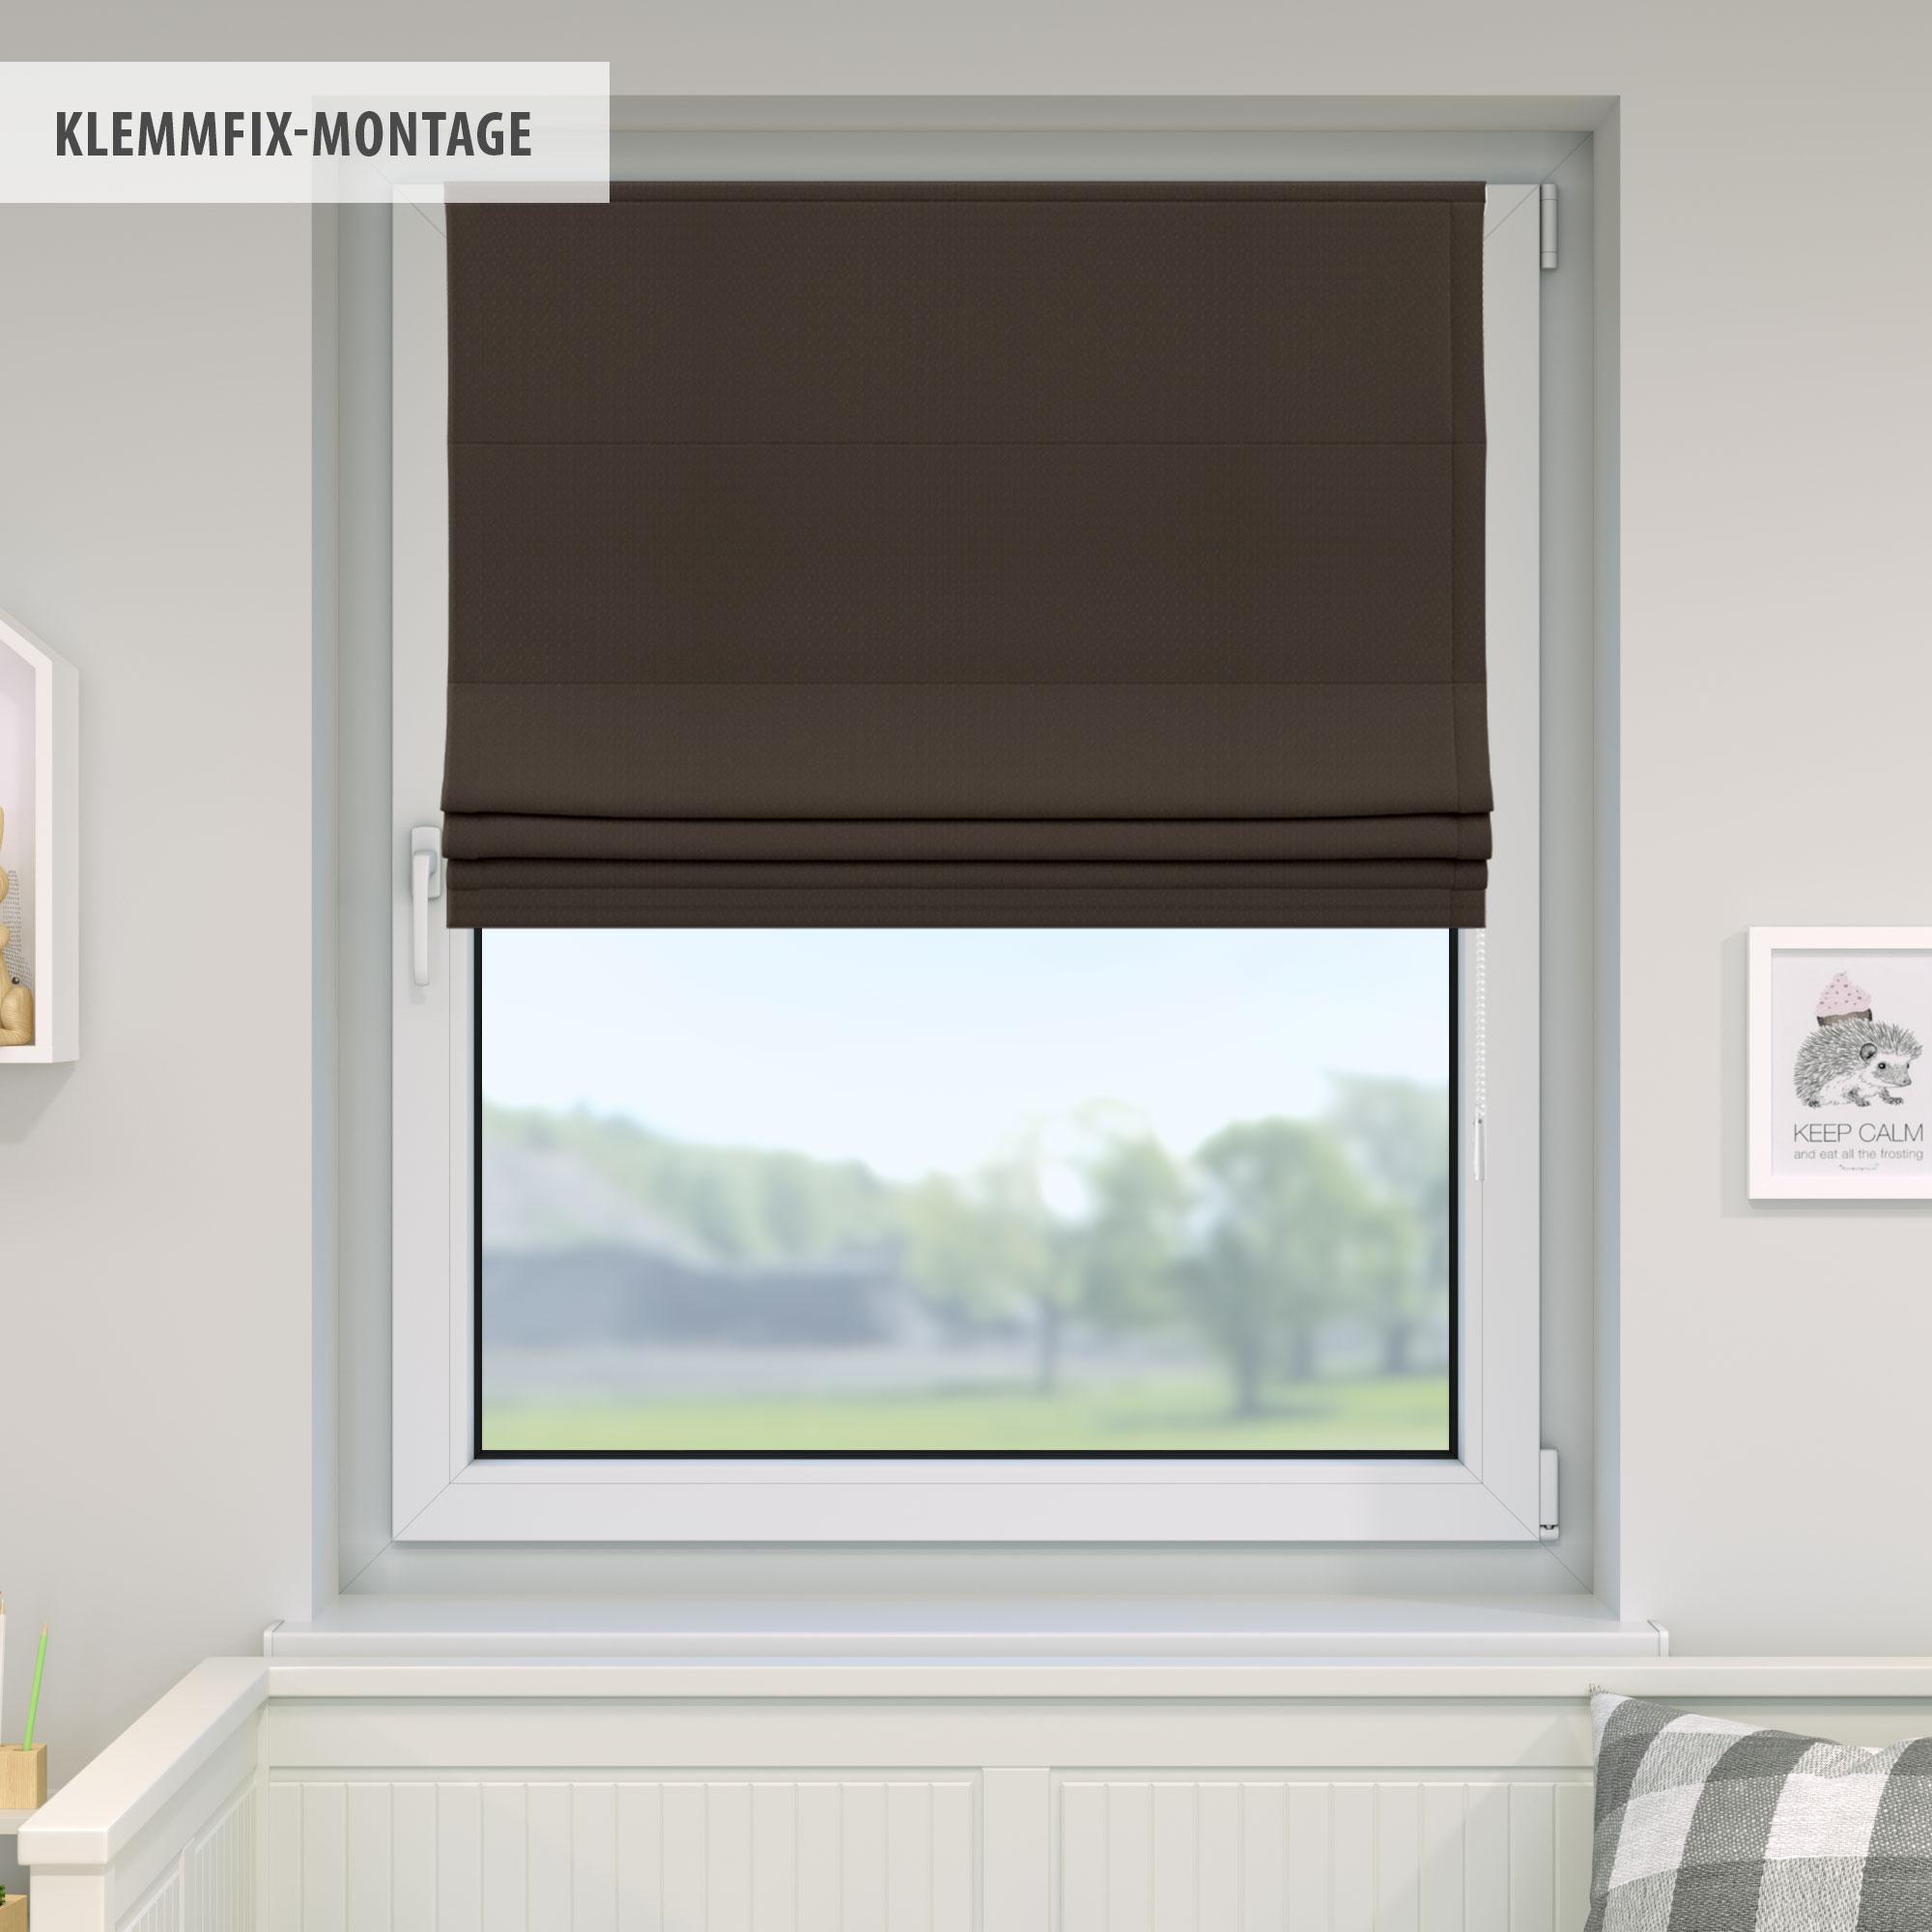 Raffrollo-Faltrollo-Klemmfix-ohne-Bohren-Fenster-Raffgardine-Gardine-VICTORIA-M Indexbild 17